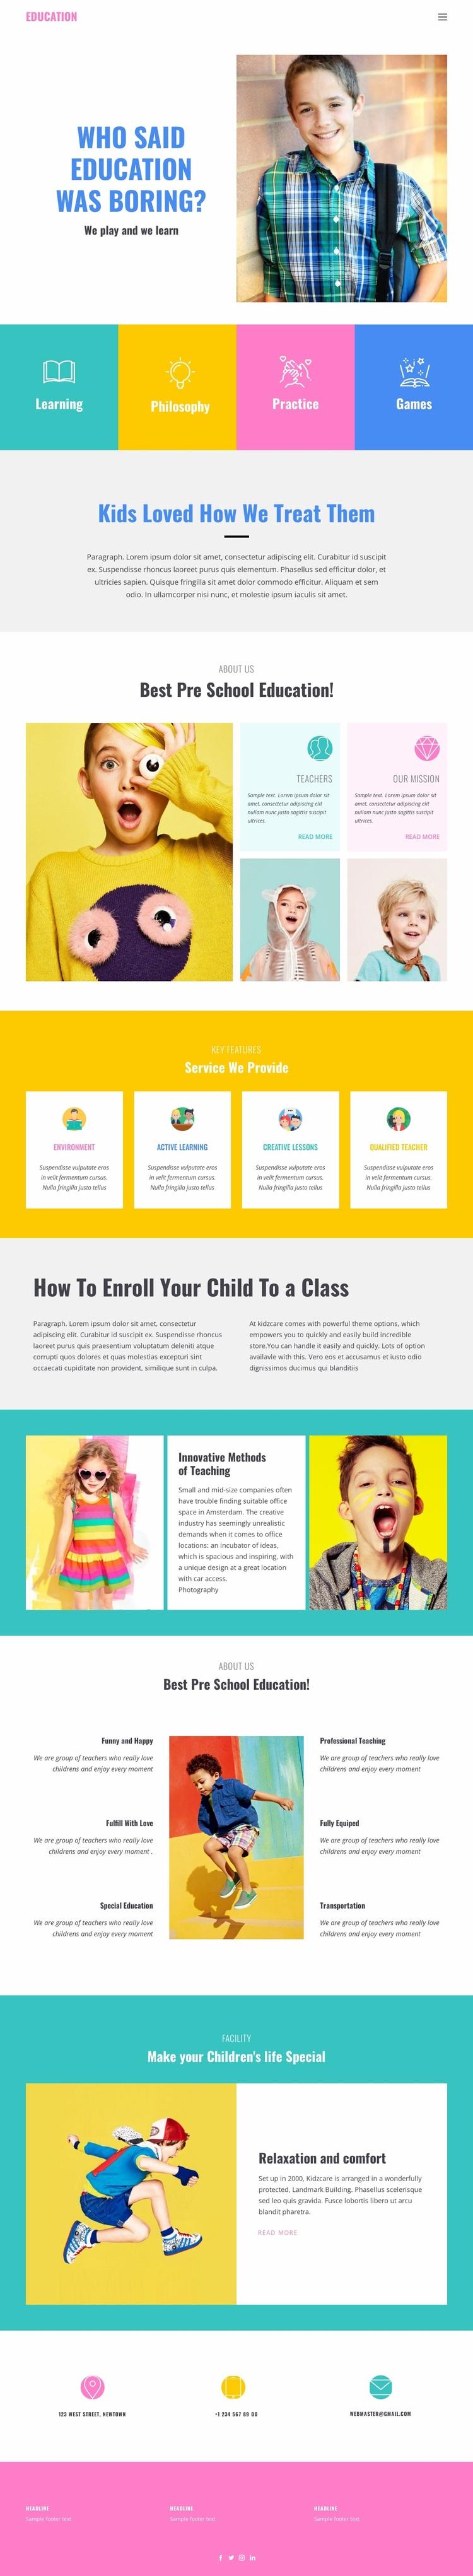 Fun of learning in school Website Design